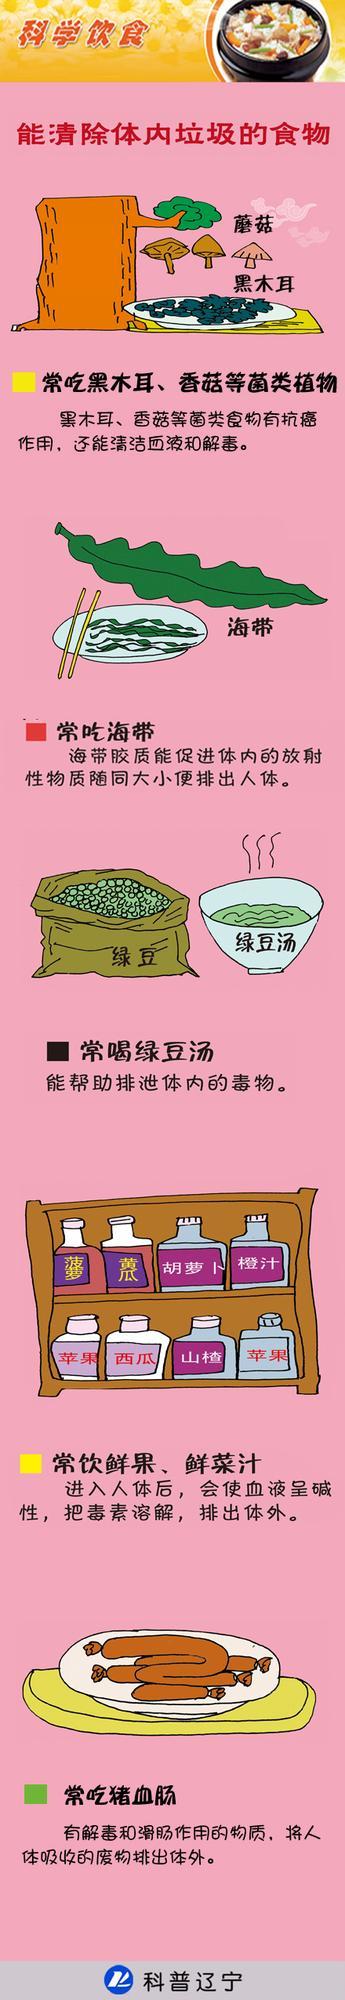 图说:能清除体内垃圾的食物